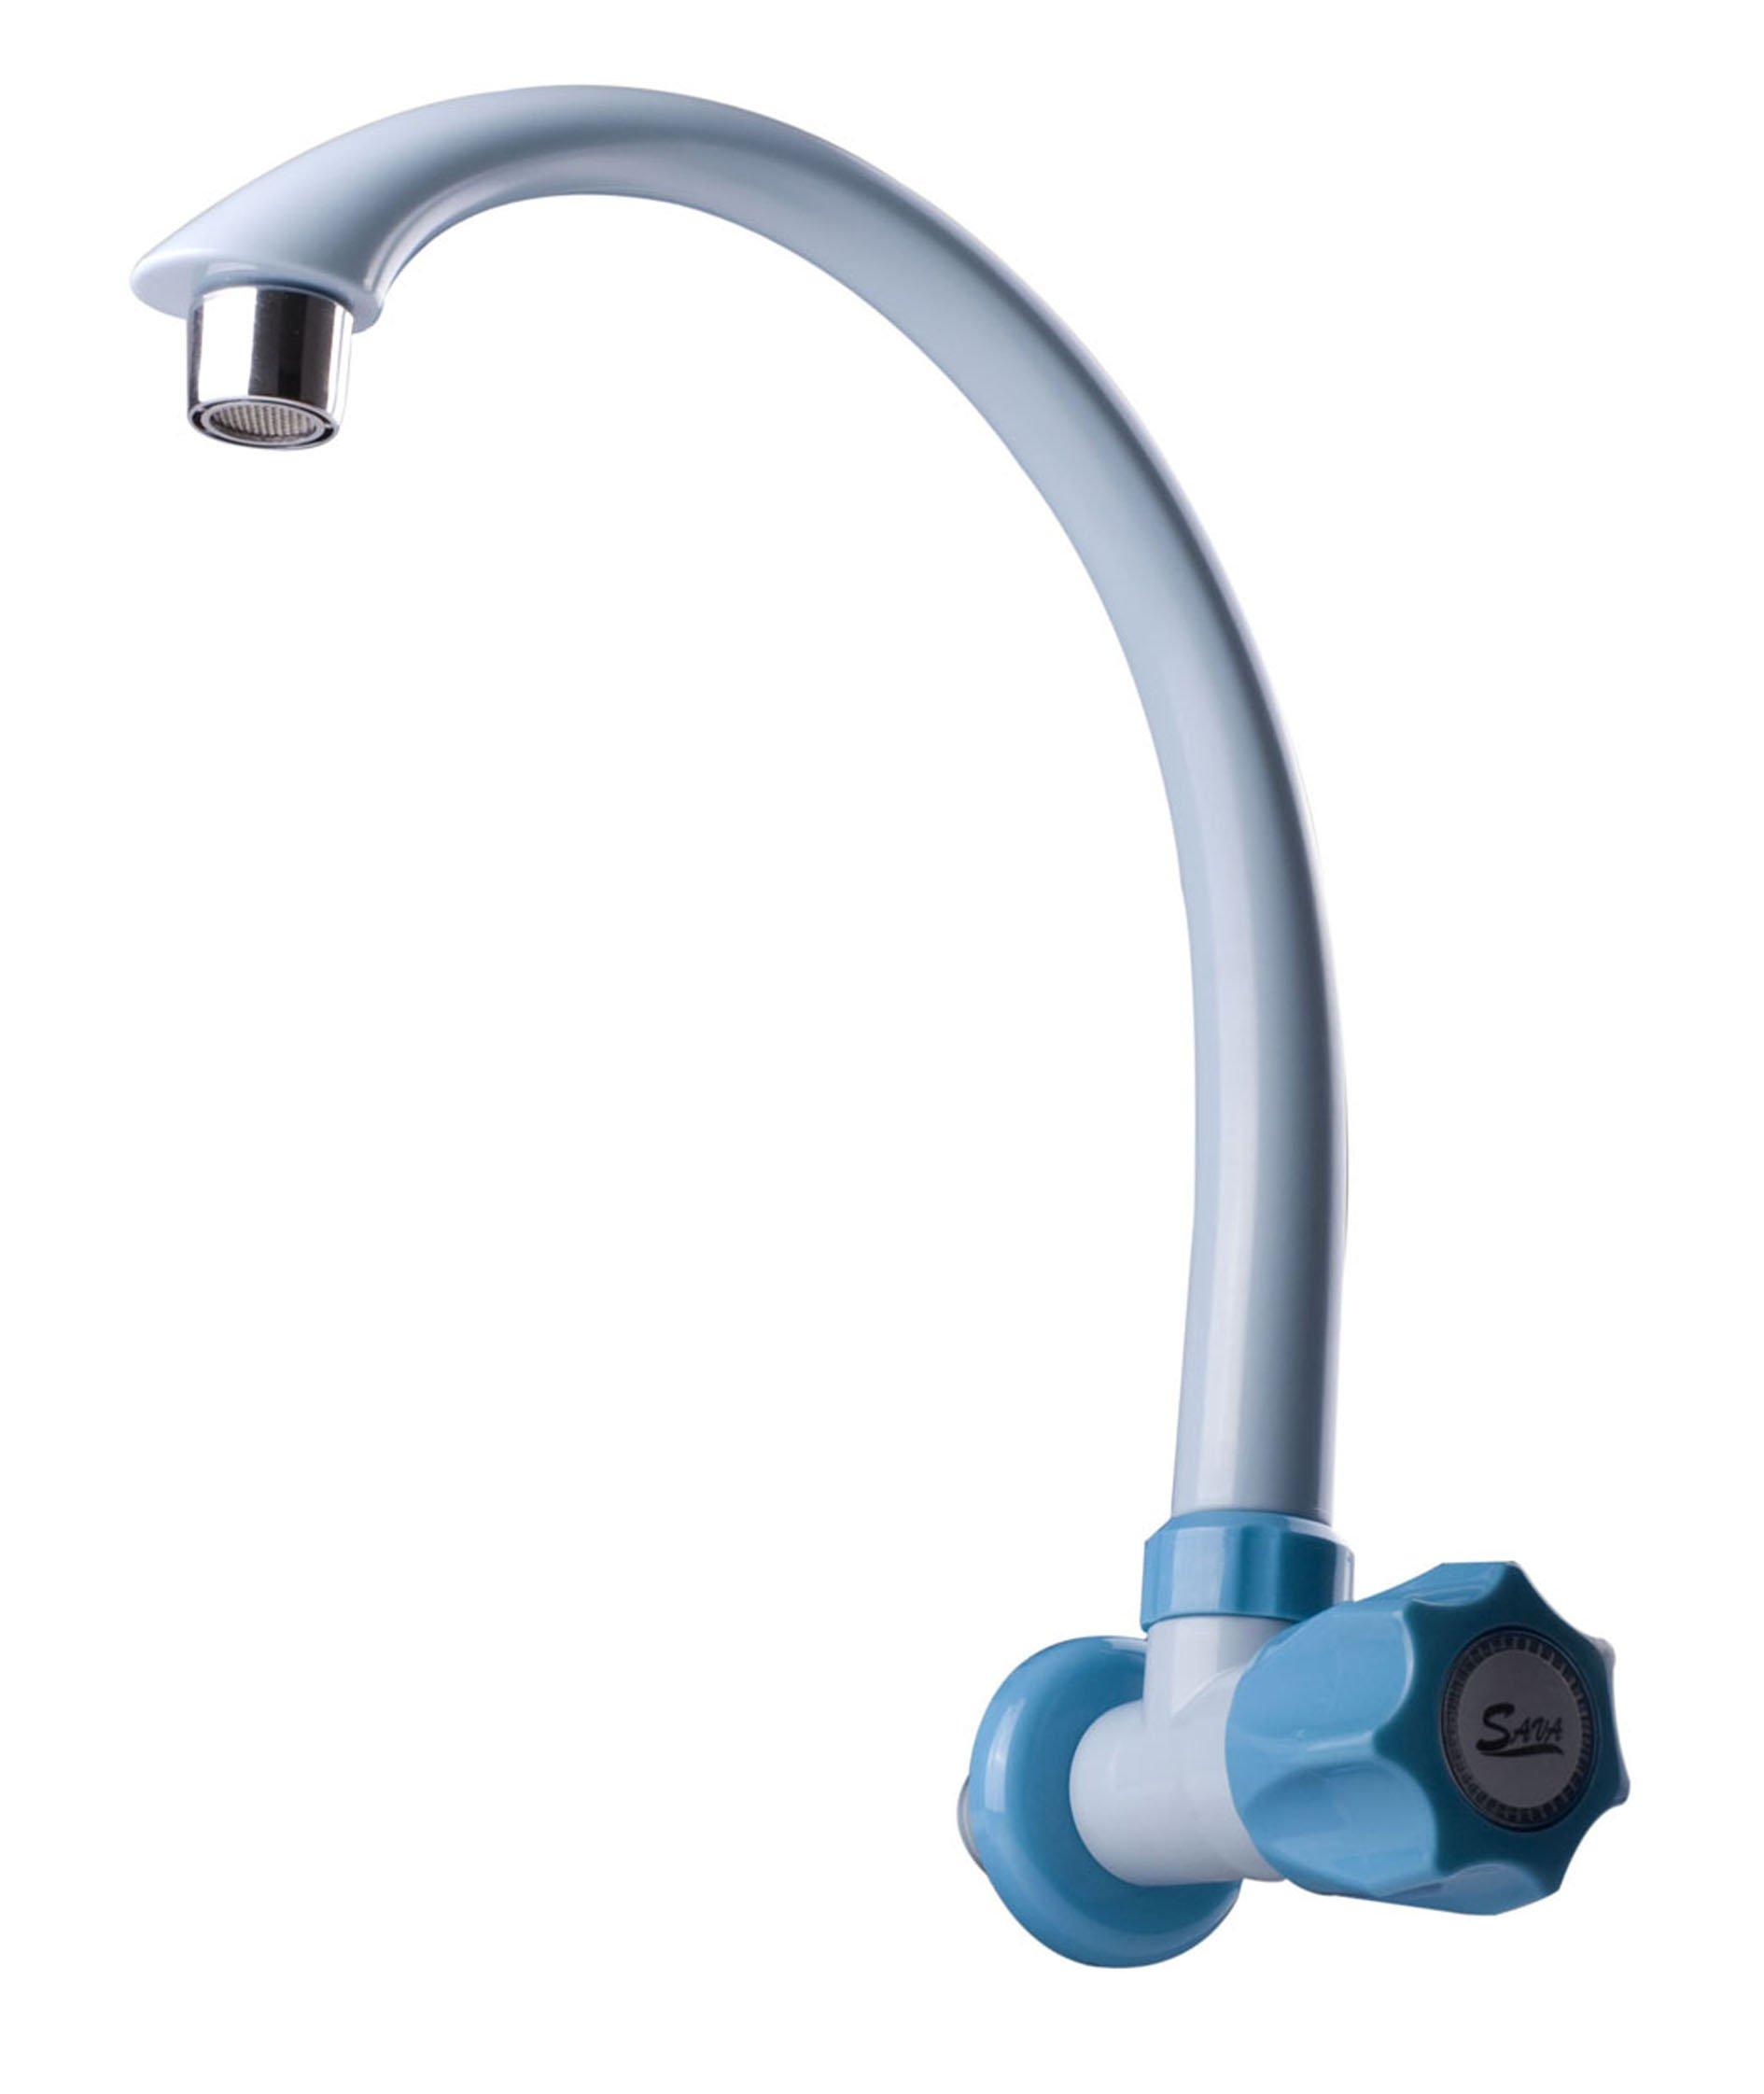 100 Discount Kitchen Faucets Builders Shoppe 1170tb 16 Faucet Cheap Kitchen Faucet Online